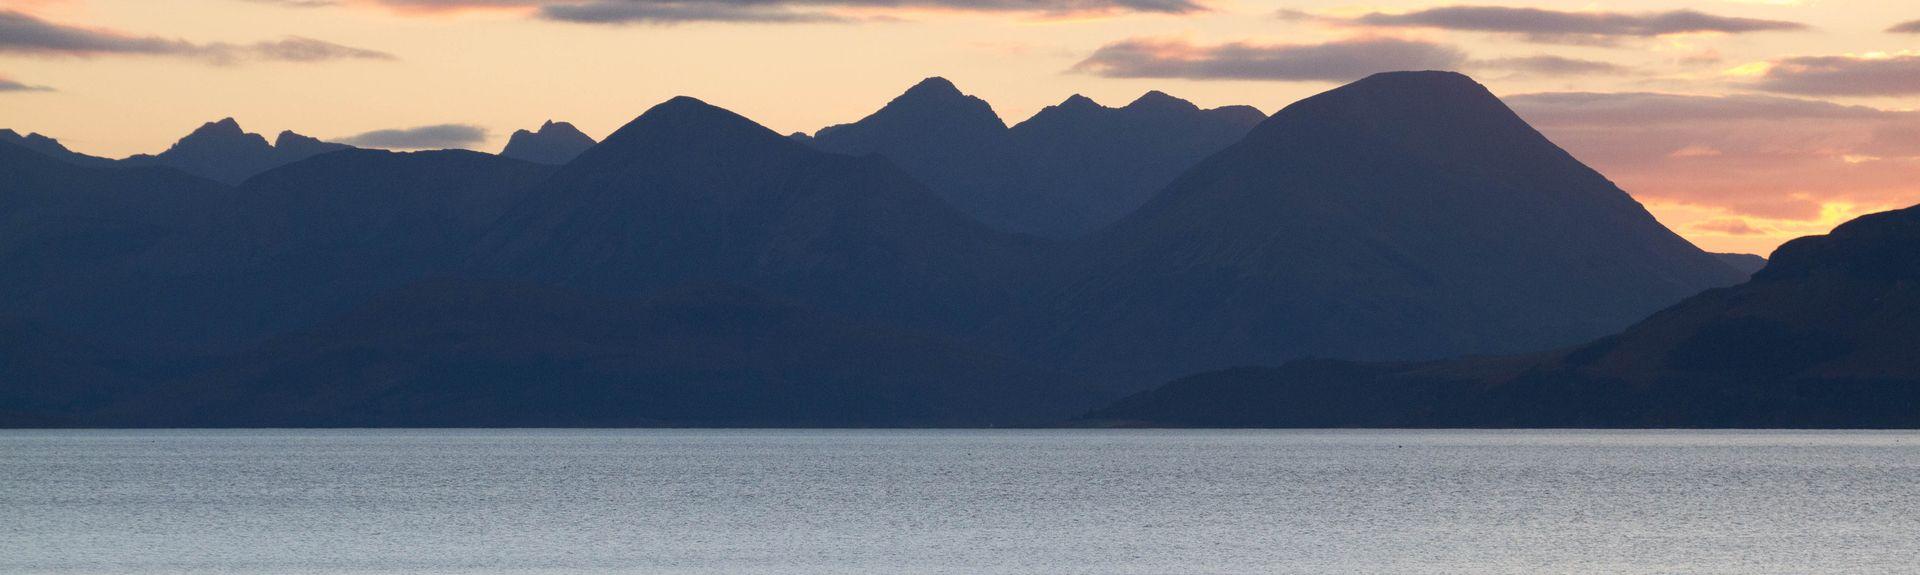 Isle of Raasay, Scotland, United Kingdom